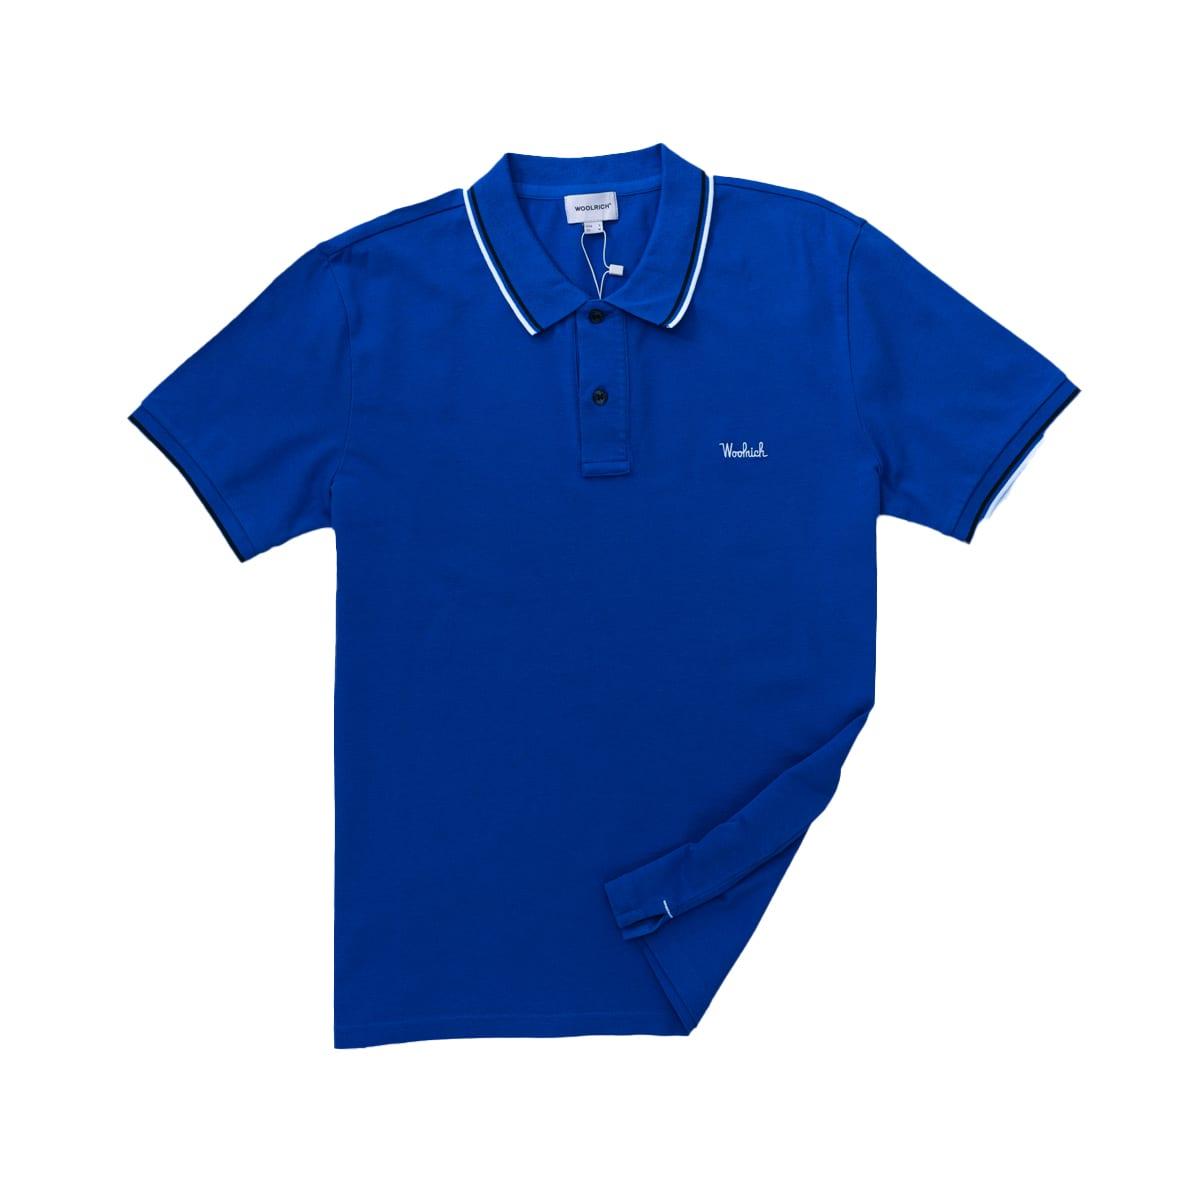 Woolrich Woolrich Polo Shirt